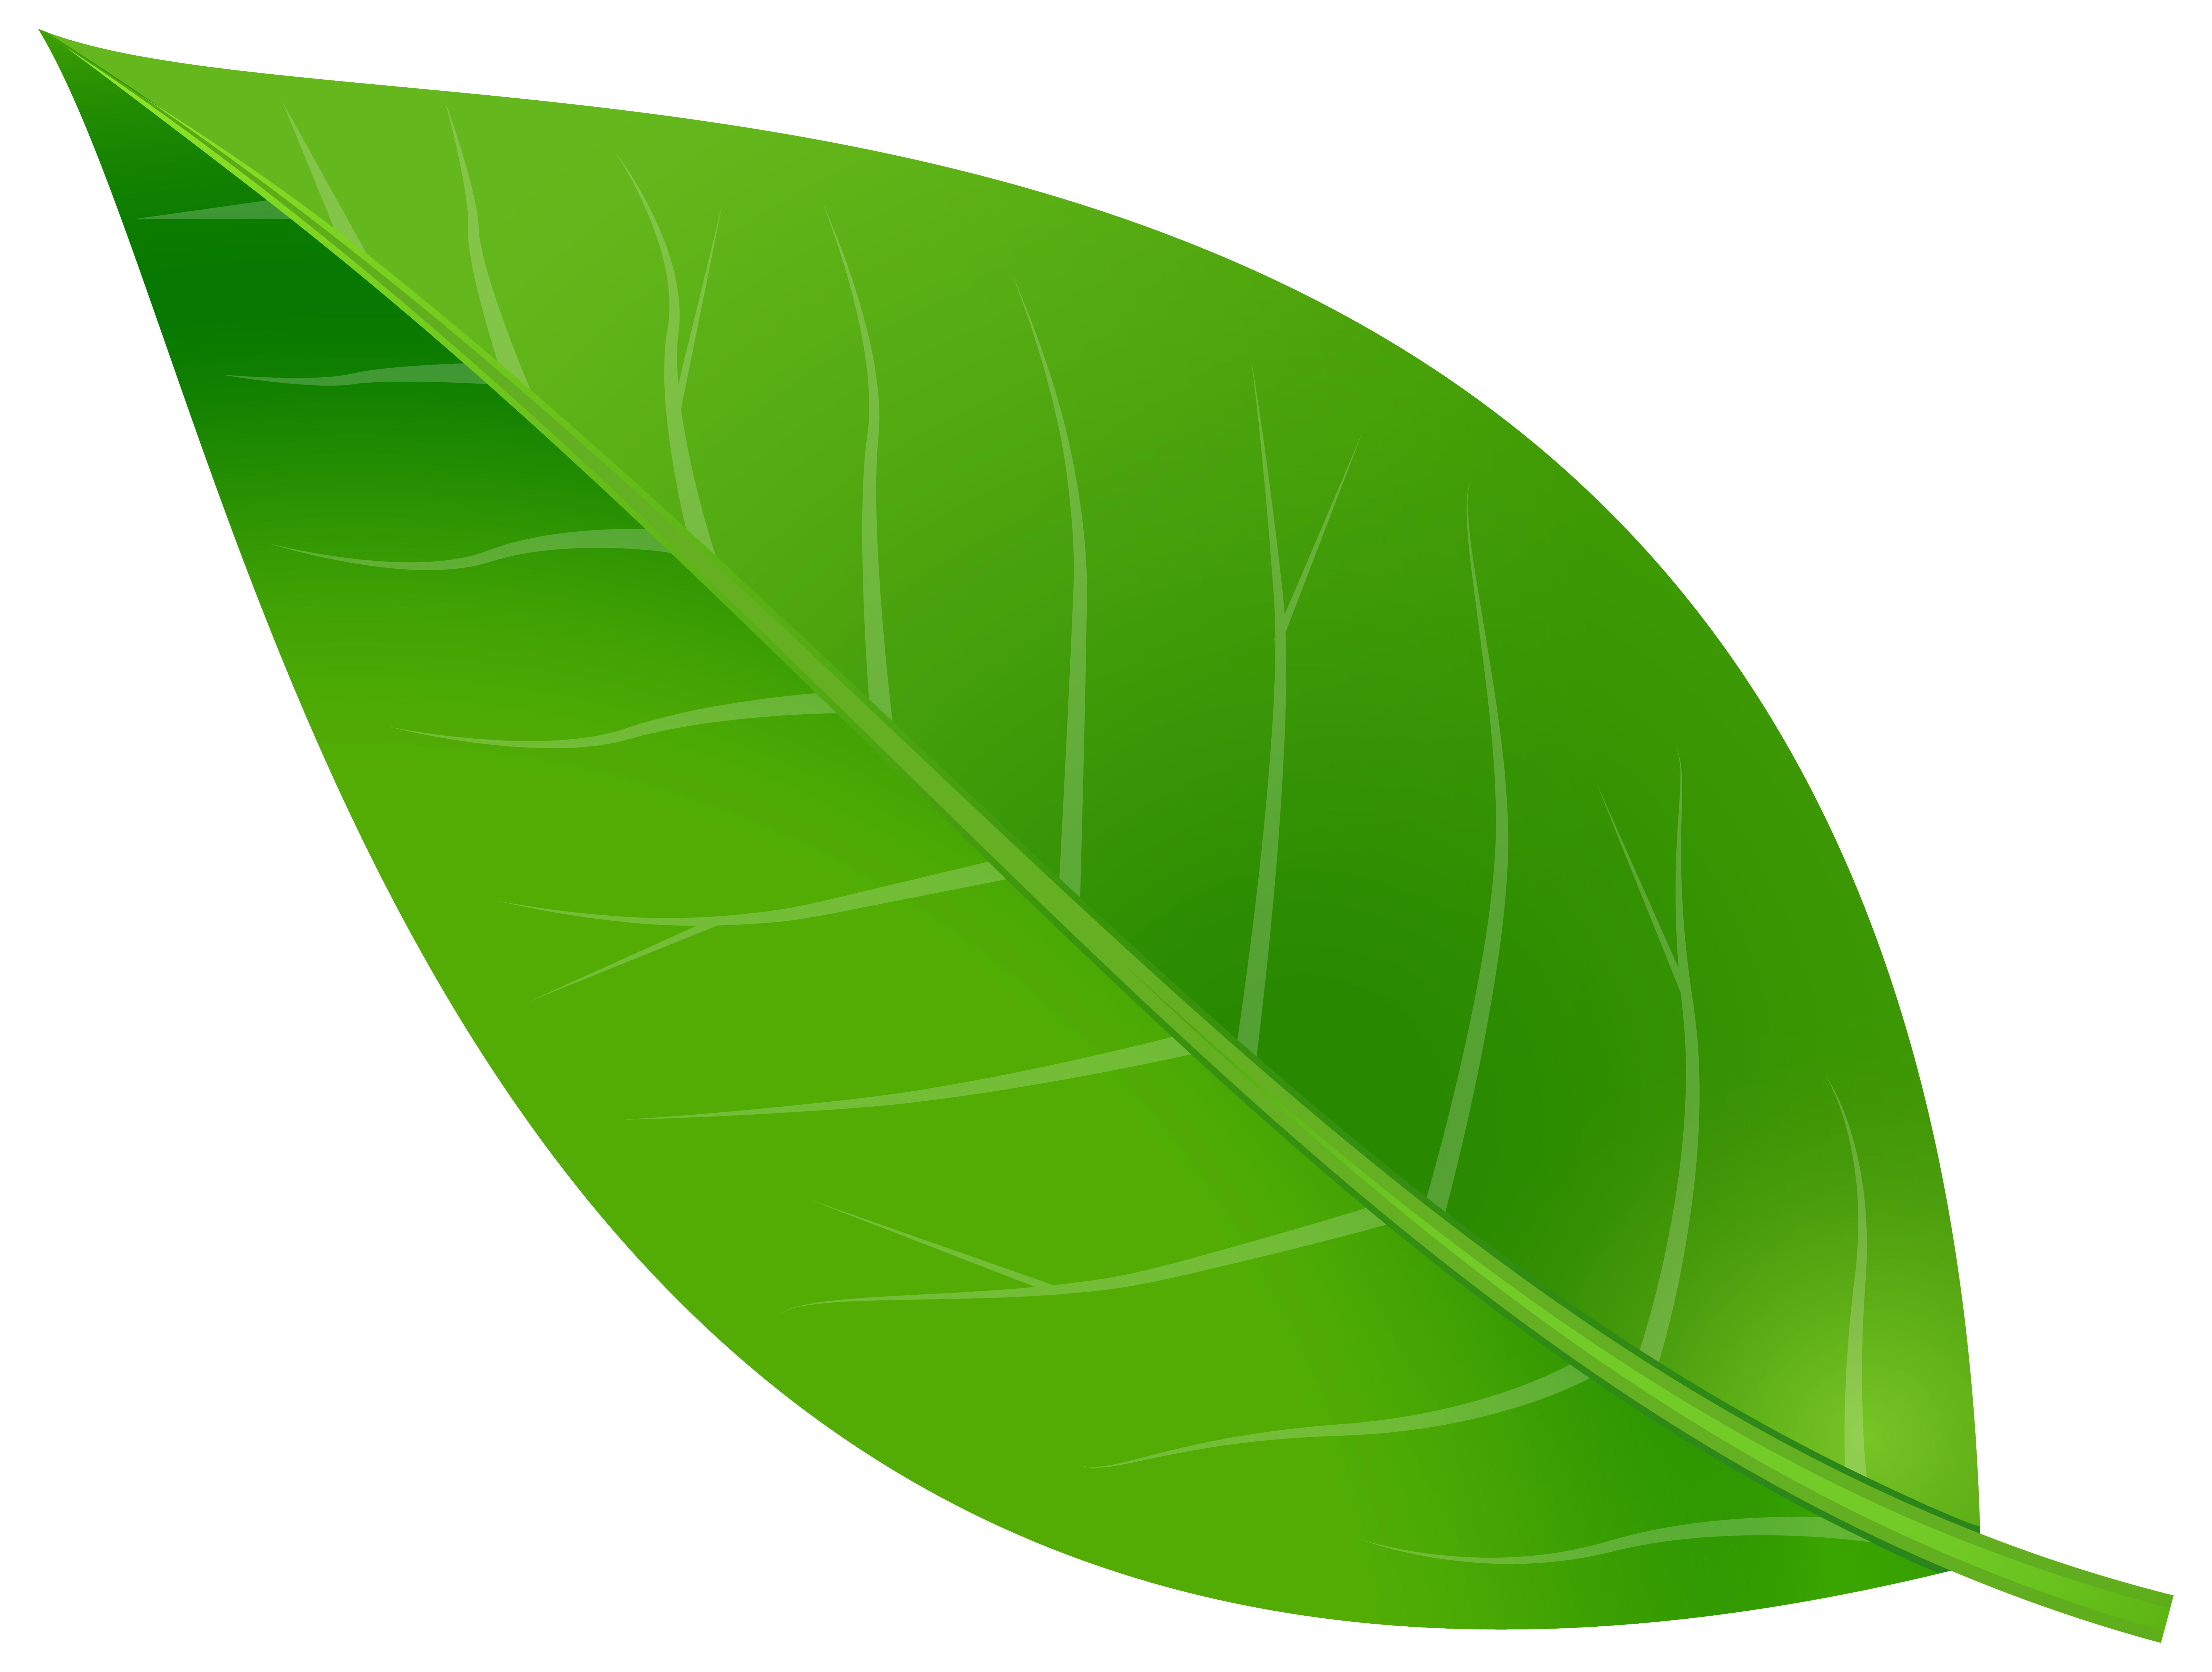 Clip art spring png. Leaf clipart transparent background